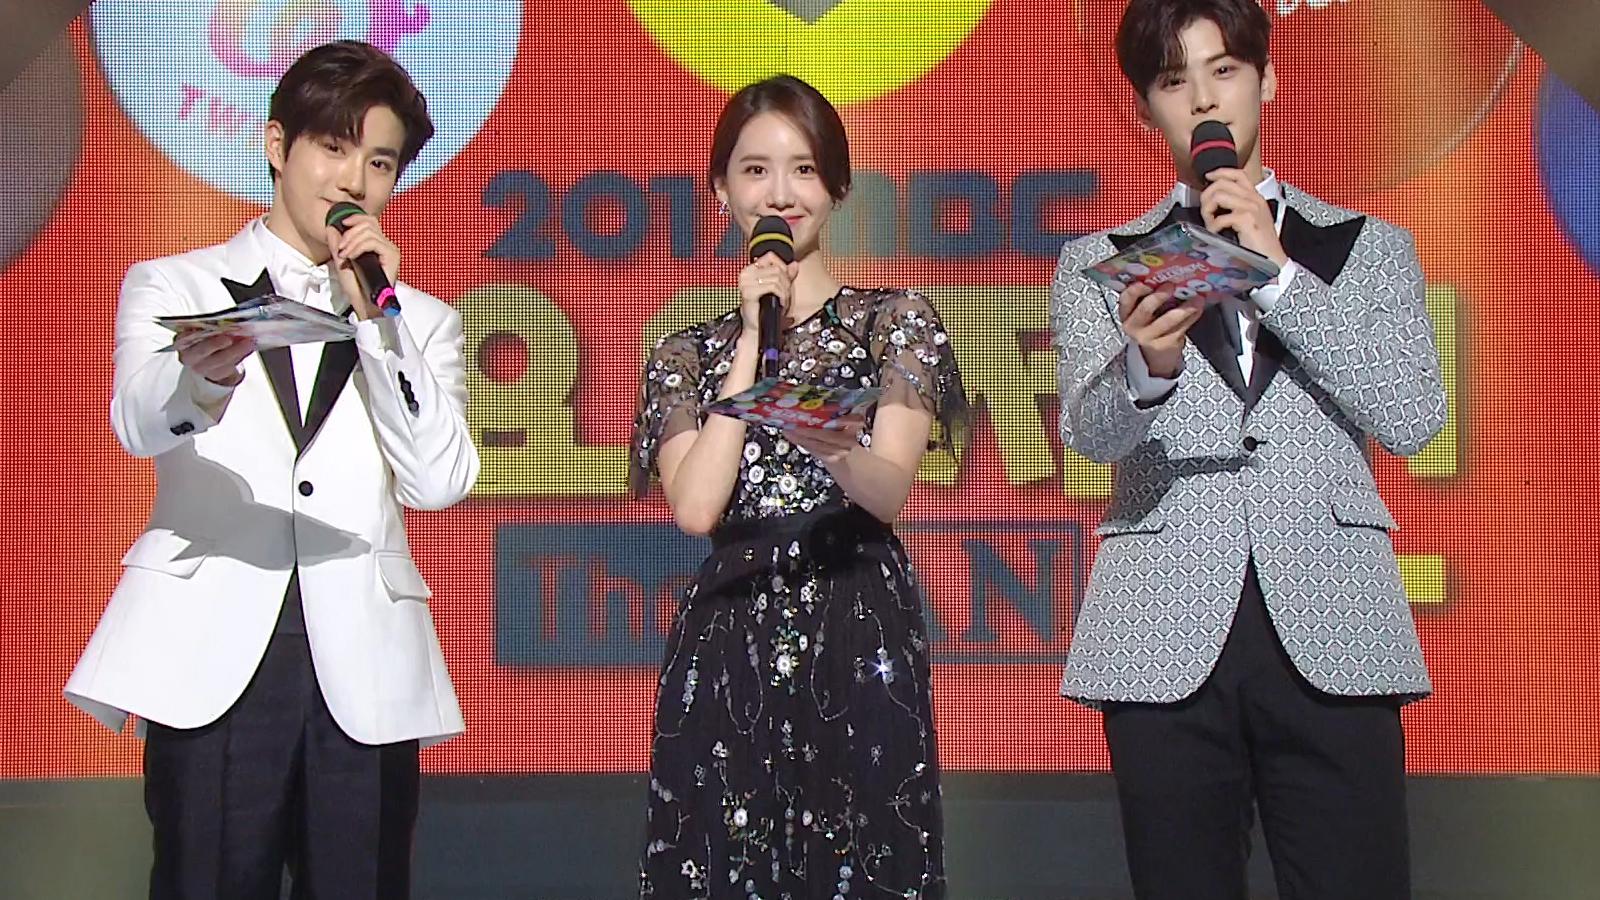 2017 MBC 歌謠大祭典 第 2集